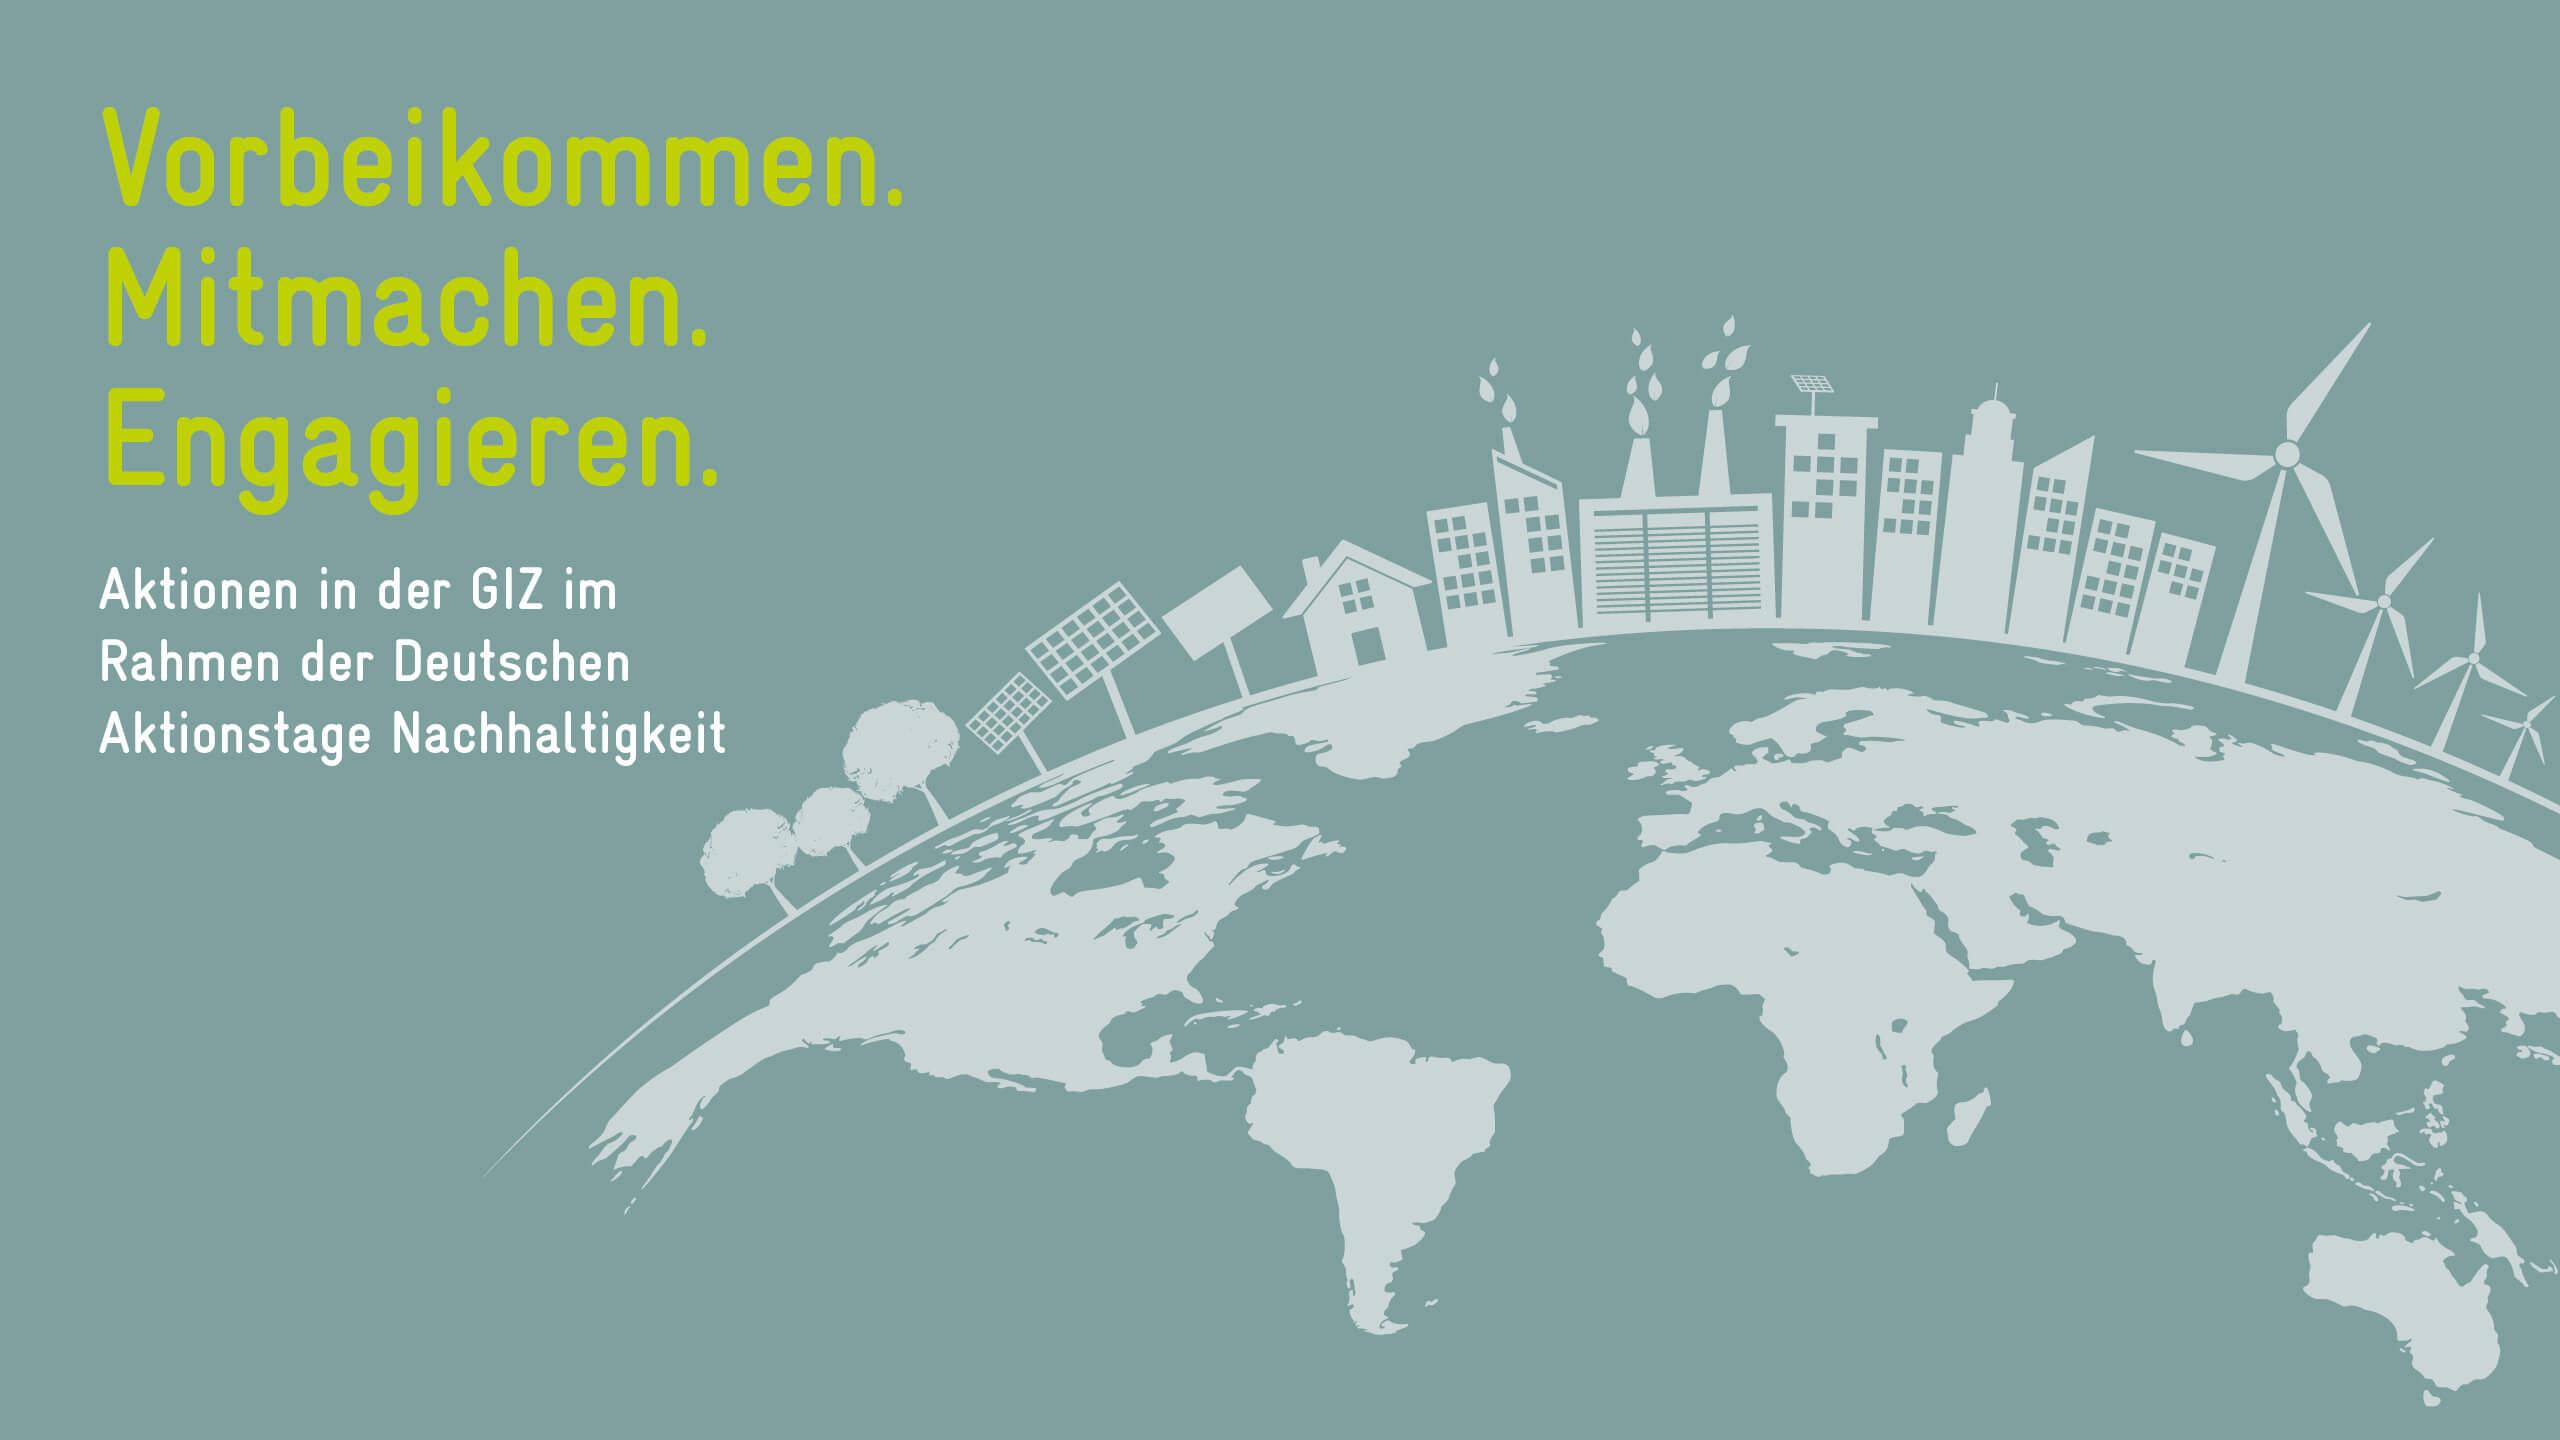 Vorbeikommen. Mitmachen. Engagieren. Aktionen in der GIZ im Rahmen der Deutschen Aktionstage Nachhaltigkeit.